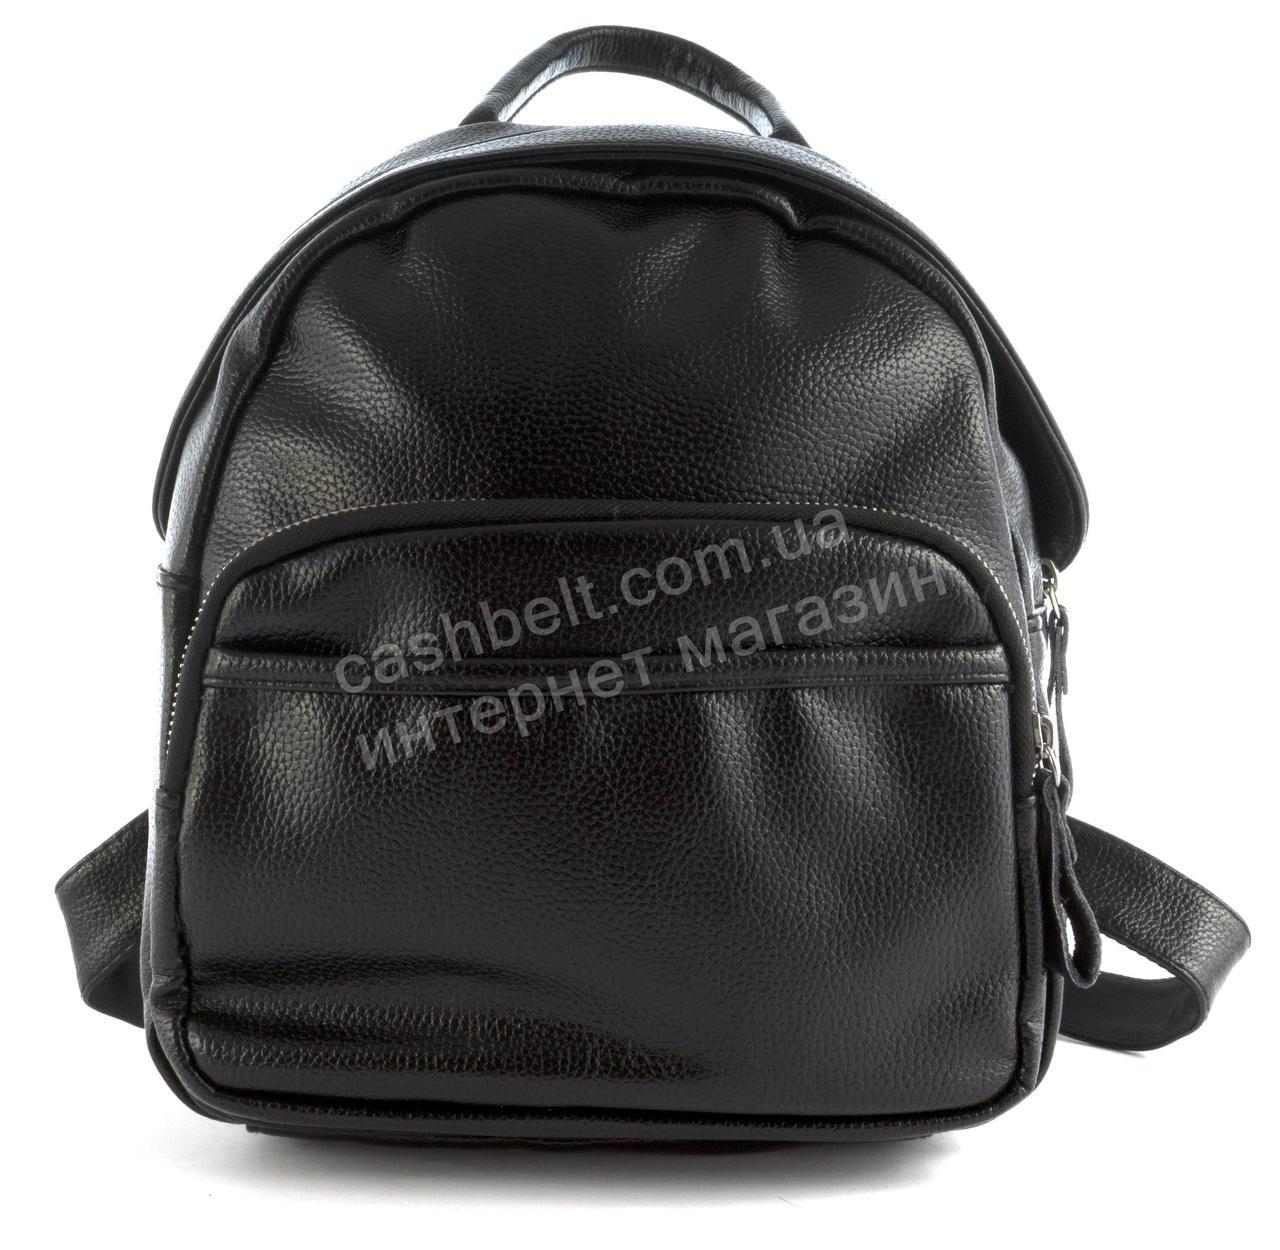 1be445d8 Стильный женский маленький качественный городской рюкзак art. ZH-45 черный